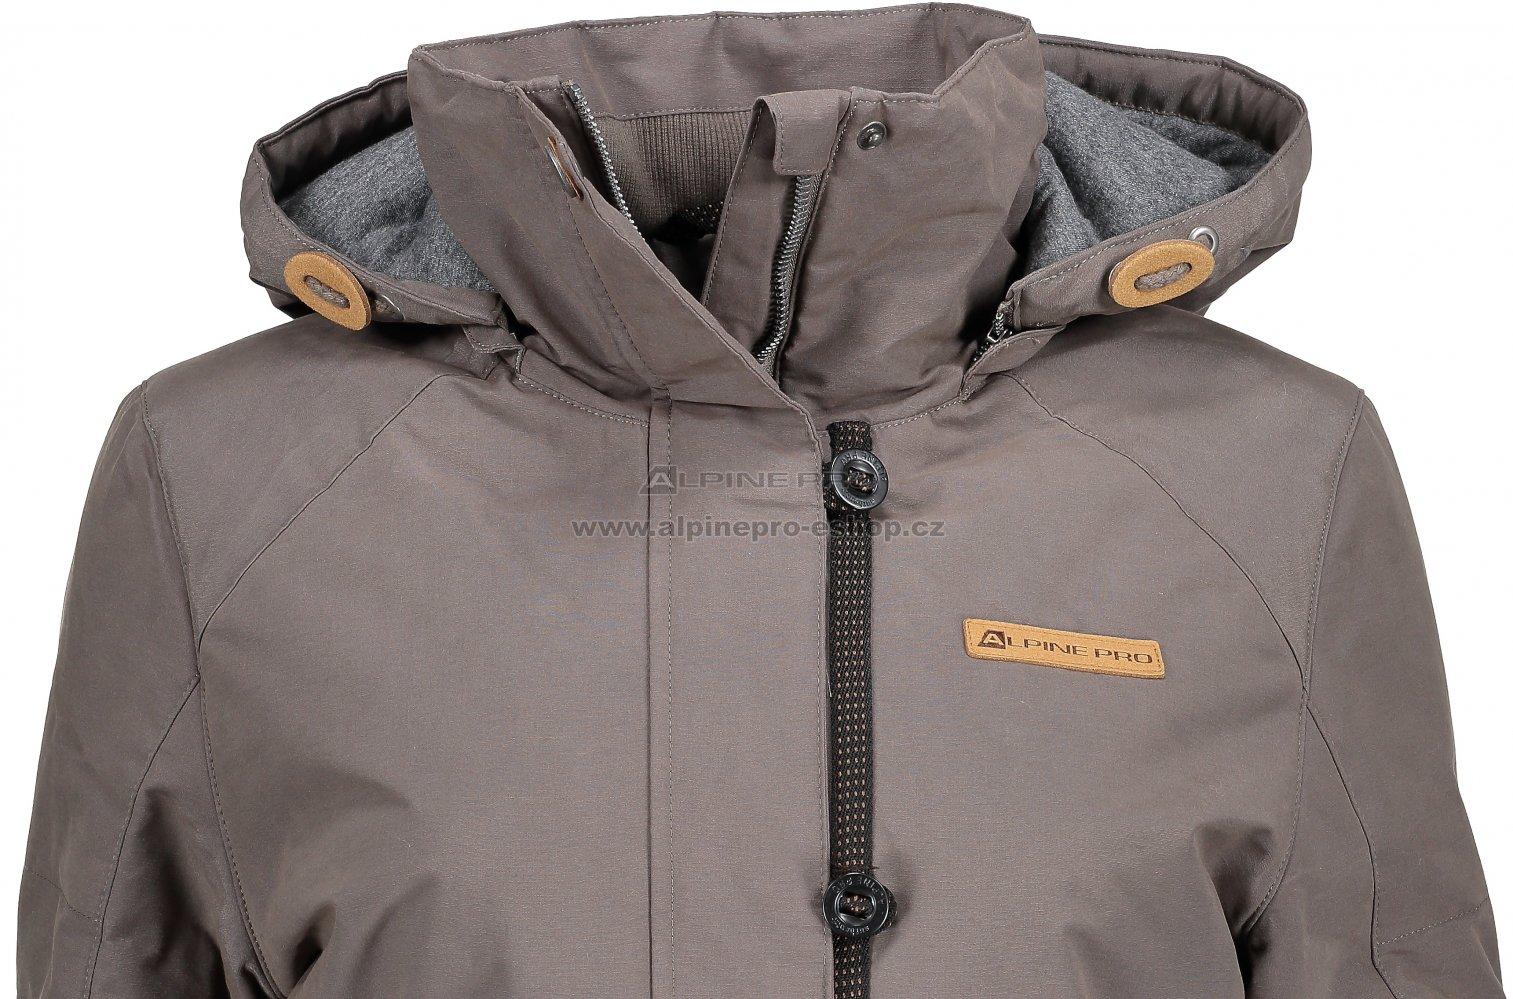 Dámský kabát ALPINE PRO EDITE 4 LCTM066 BÉŽOVÁ velikost  S ... dcdb9374341